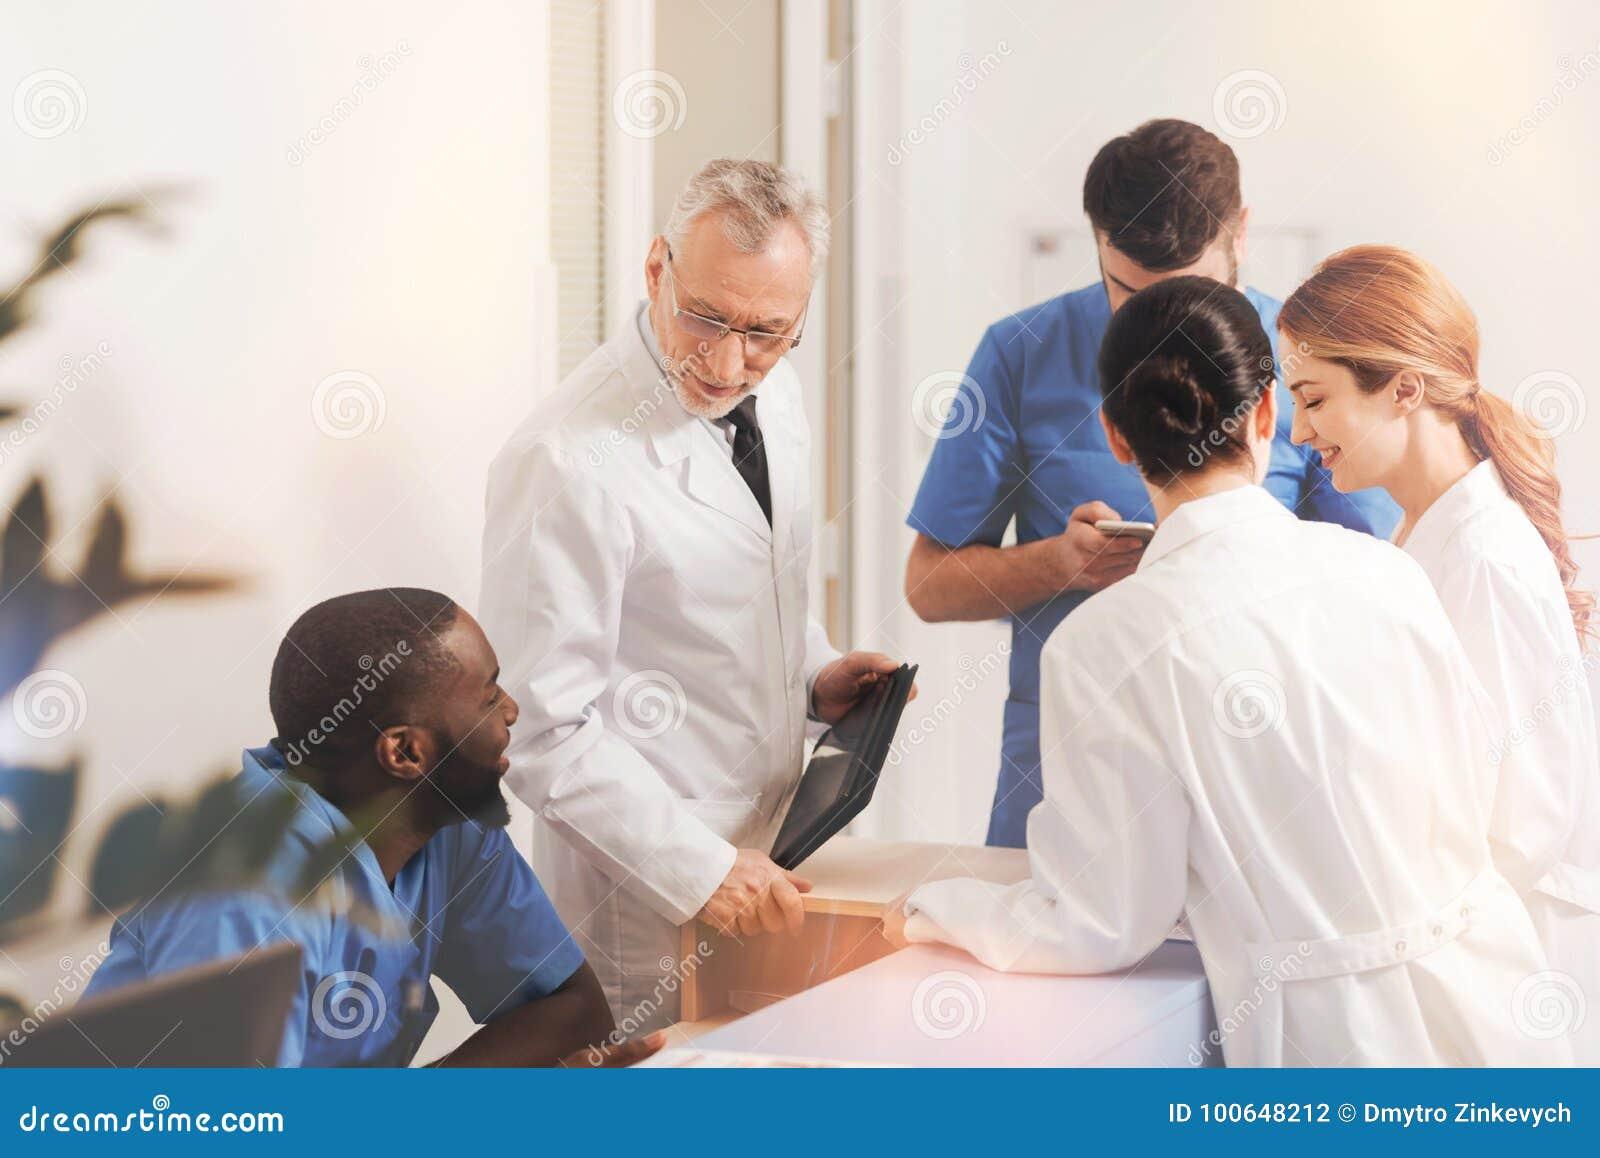 Grupp av kollegor som har intressant konversation